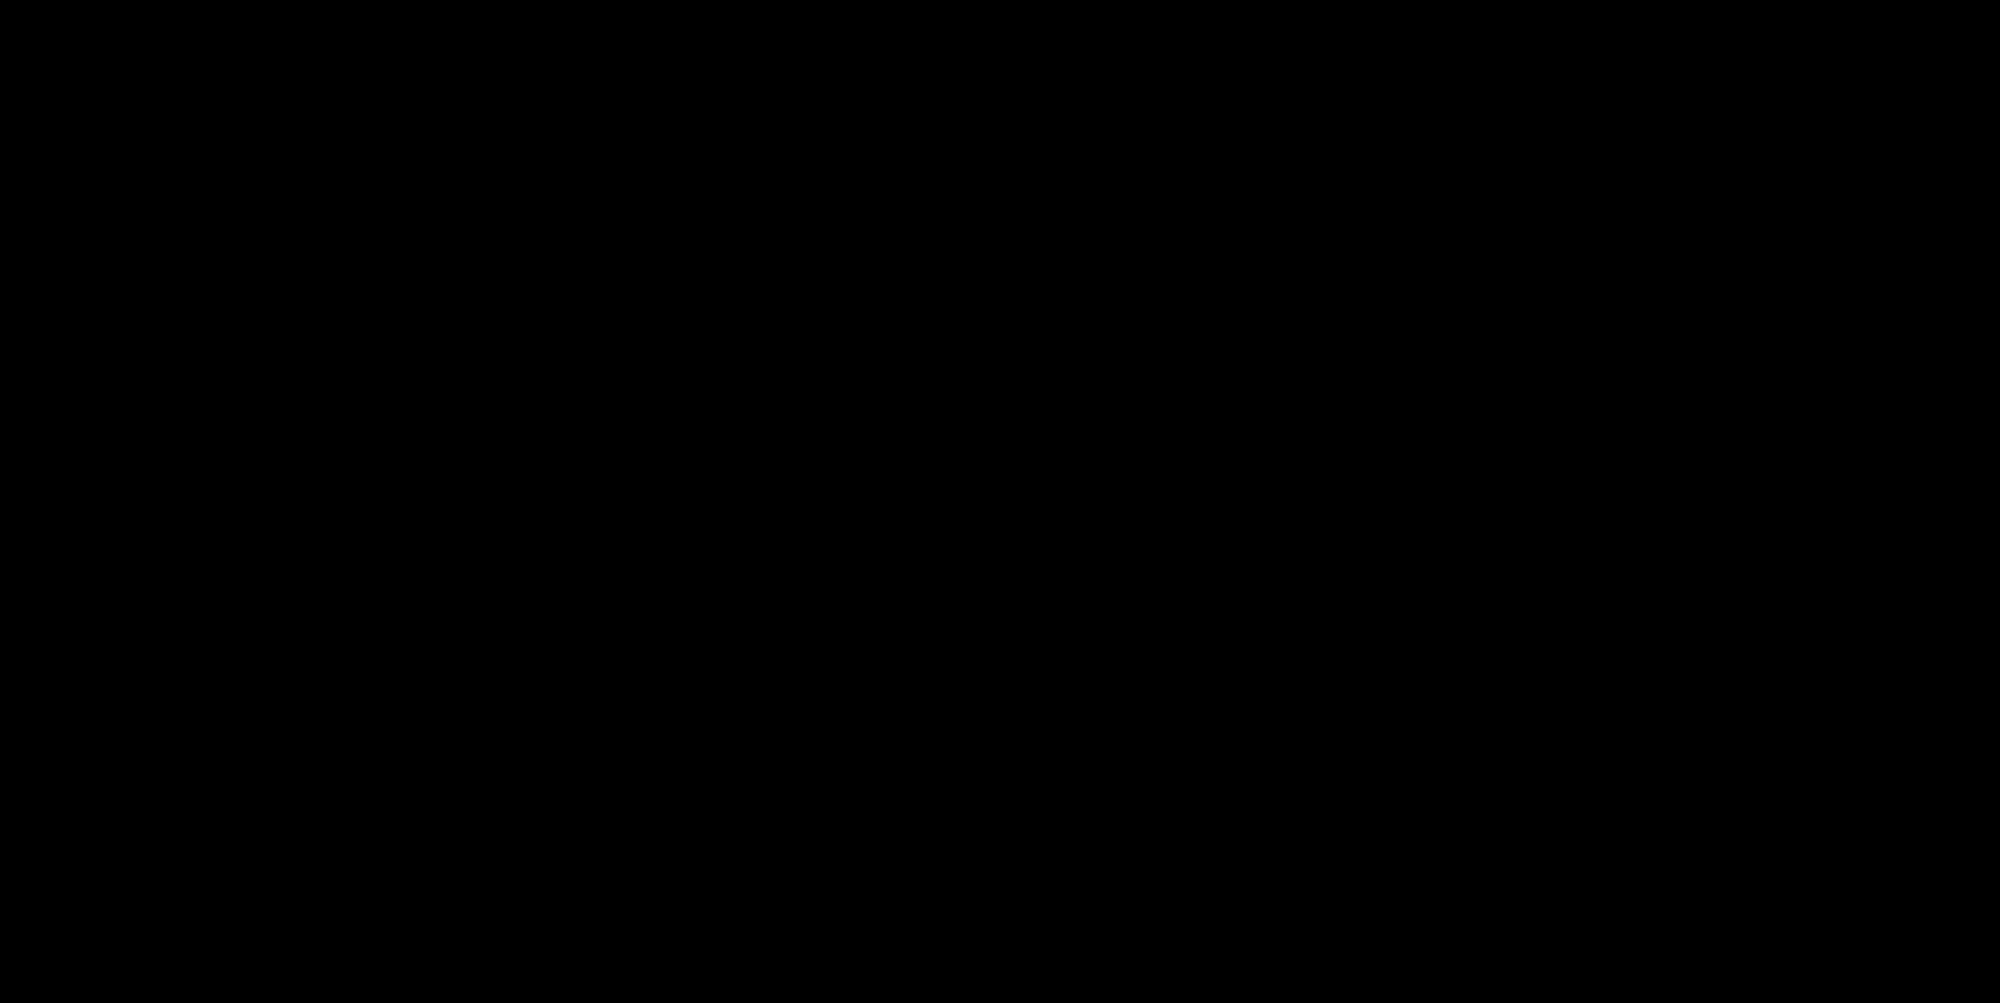 G1 Real Estate-logo-black.png